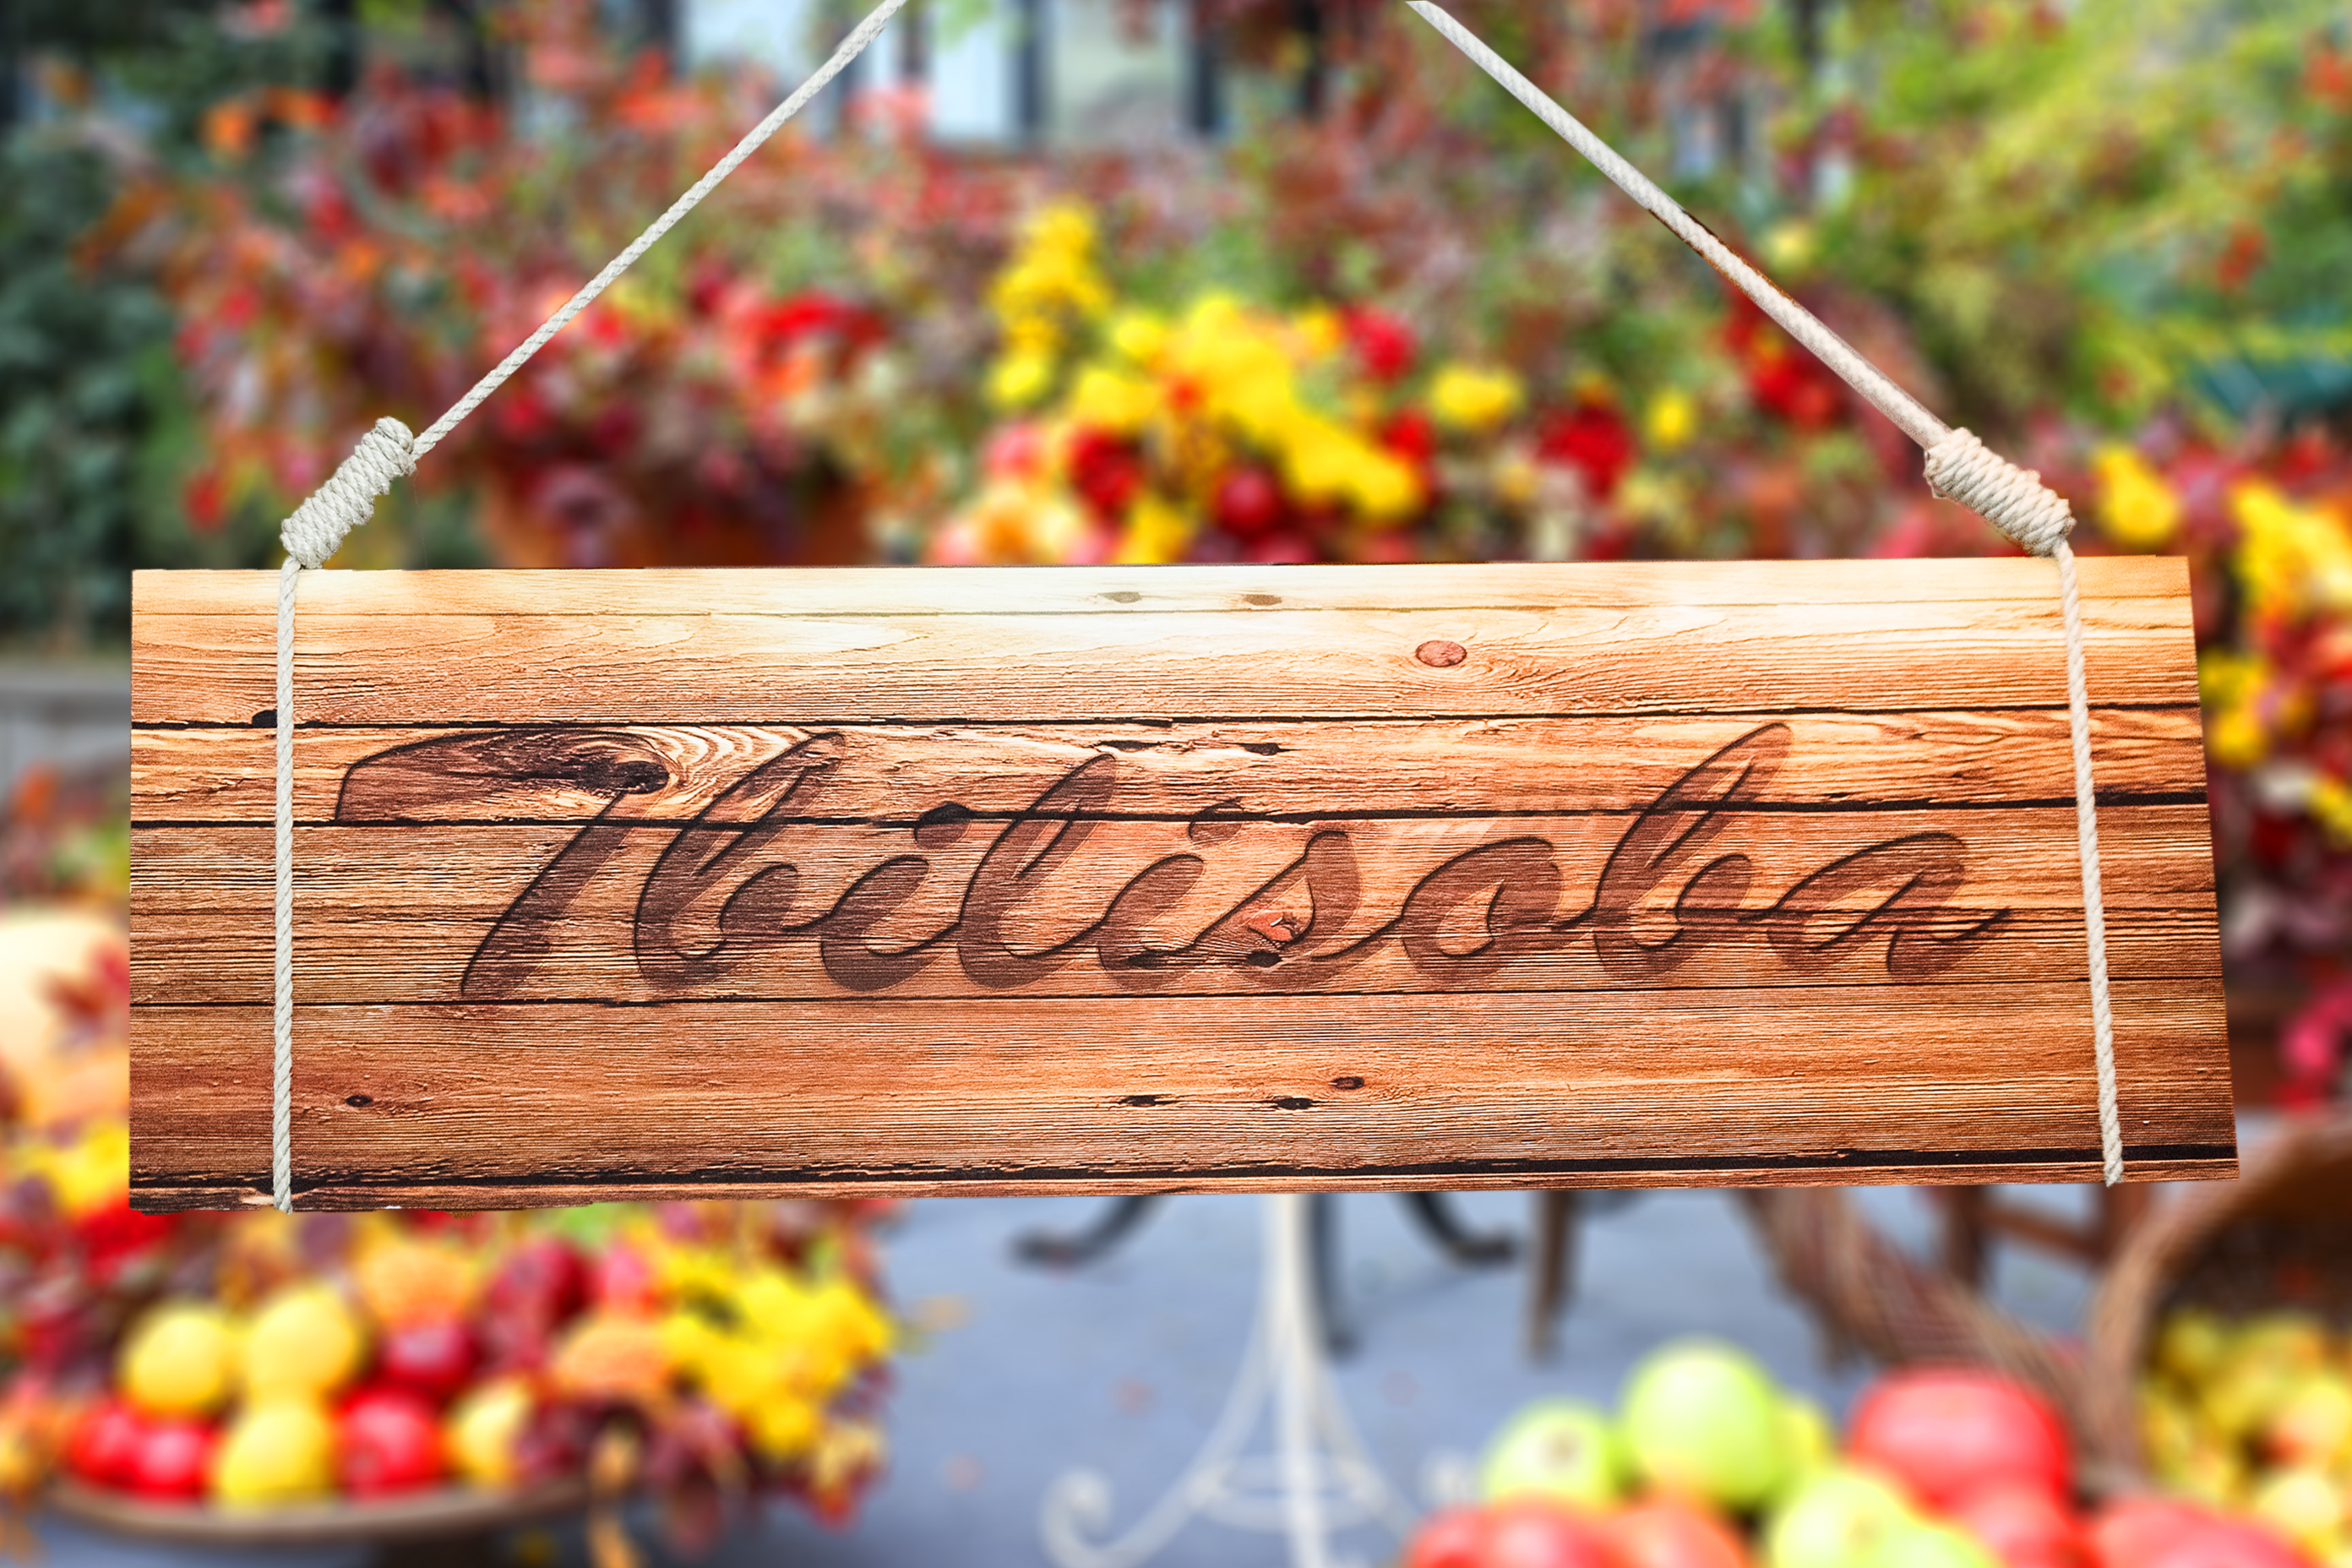 Тбилисоба — праздник, который всегда с тобой